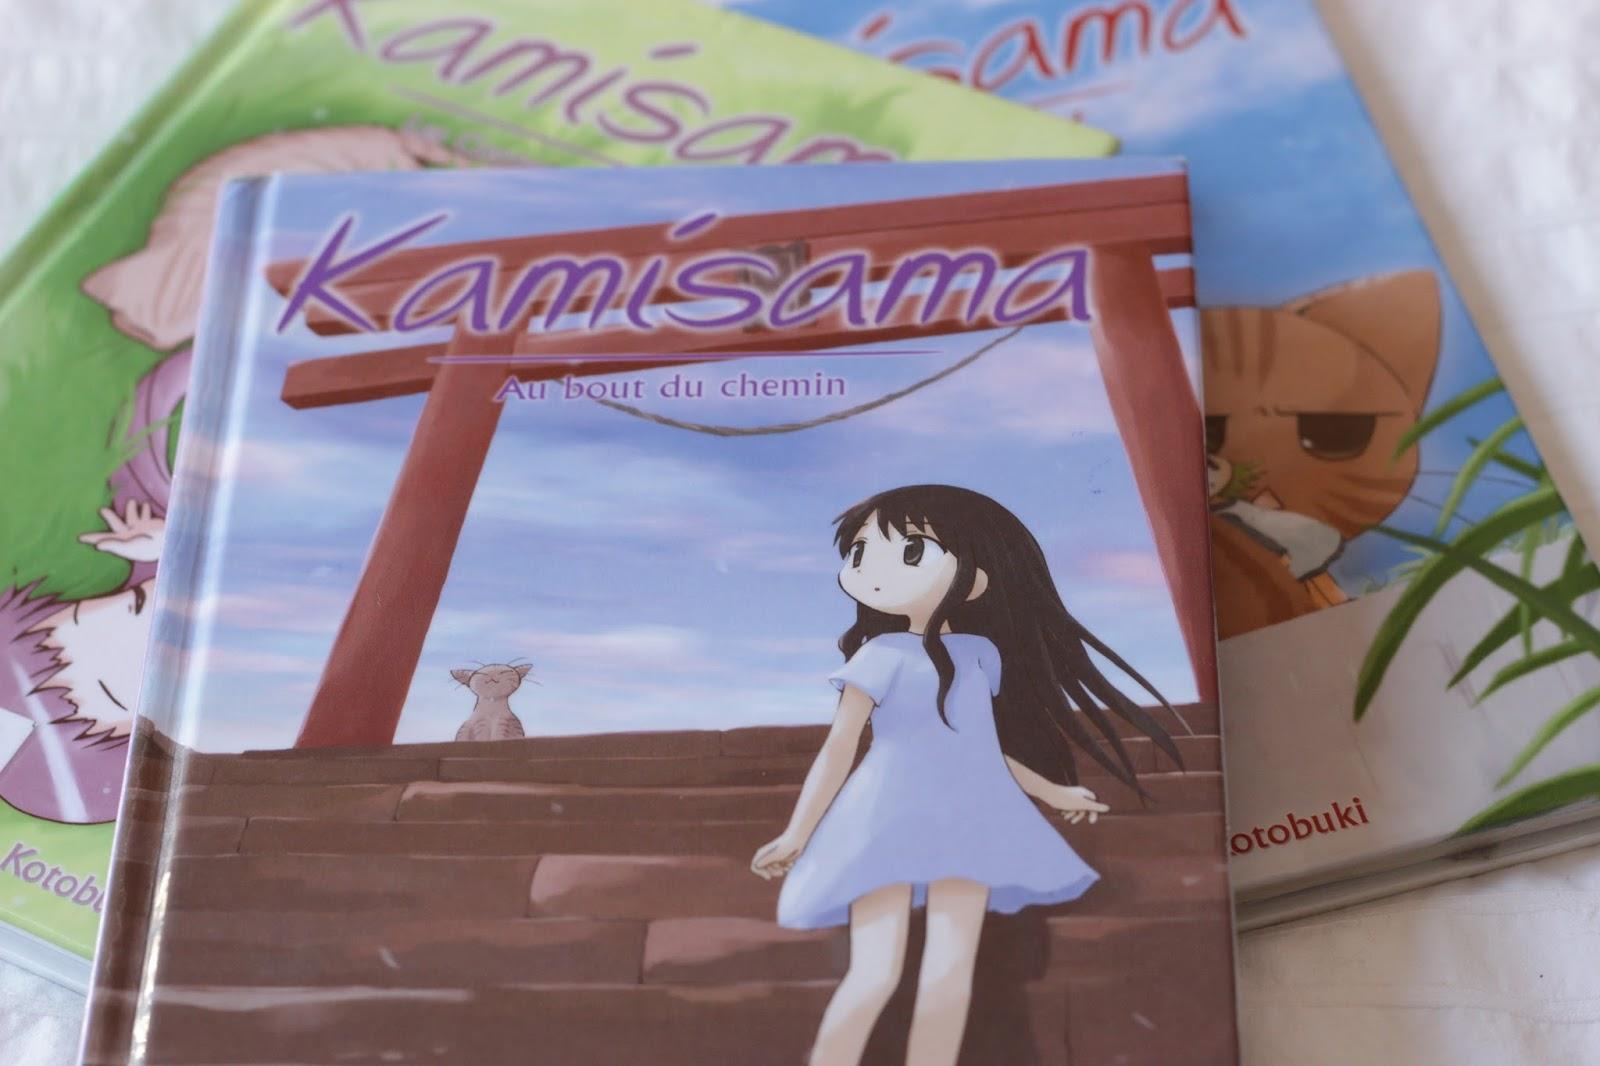 KAMISAMA Keisuke KOTOBUKI